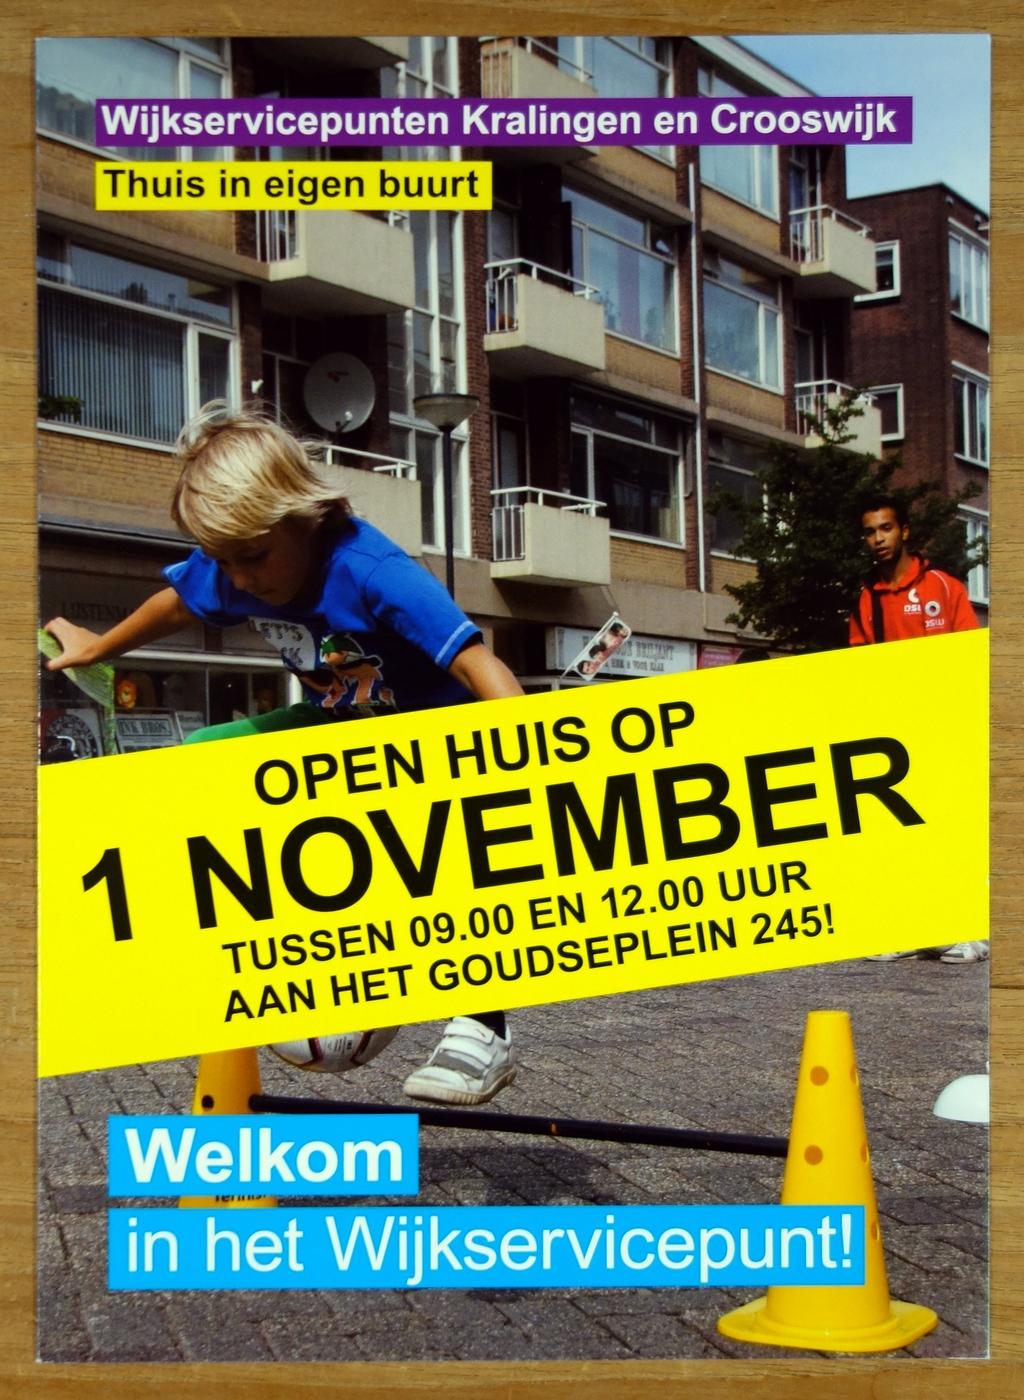 PF-Folder introductie Wijkservicepunten Kralingen en Crooswijk